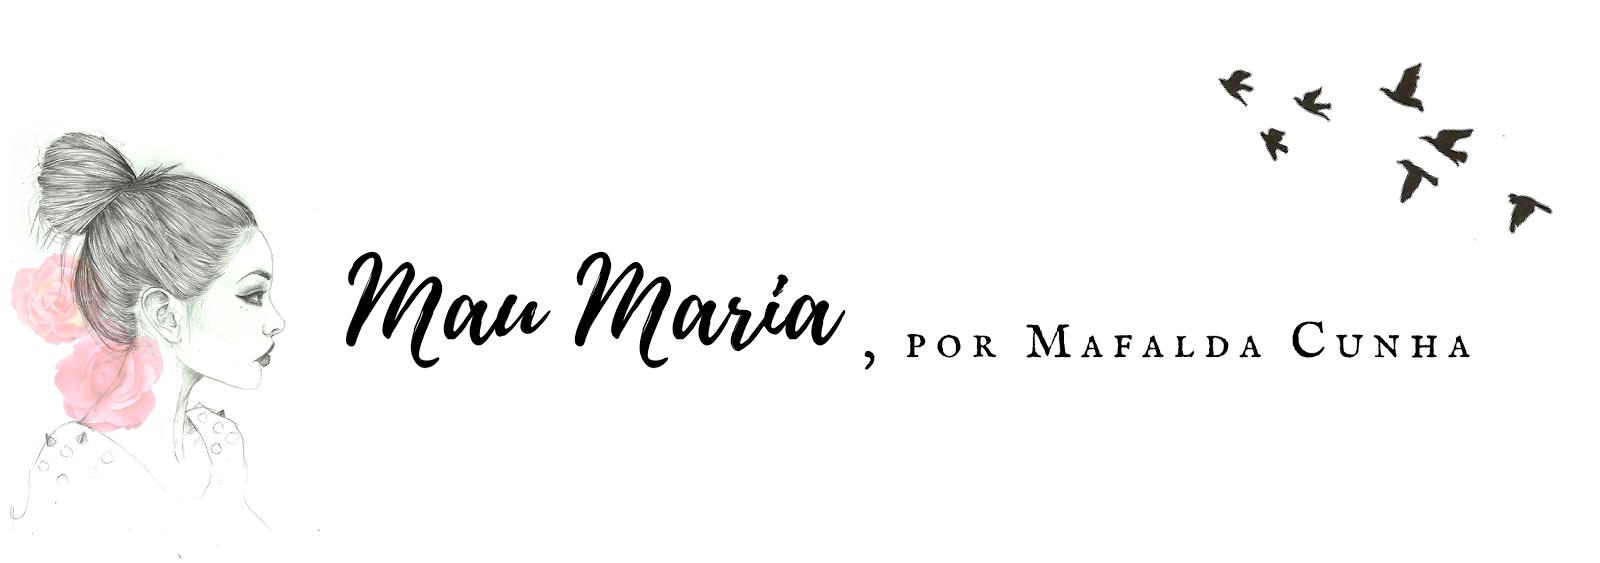 Mau Maria!